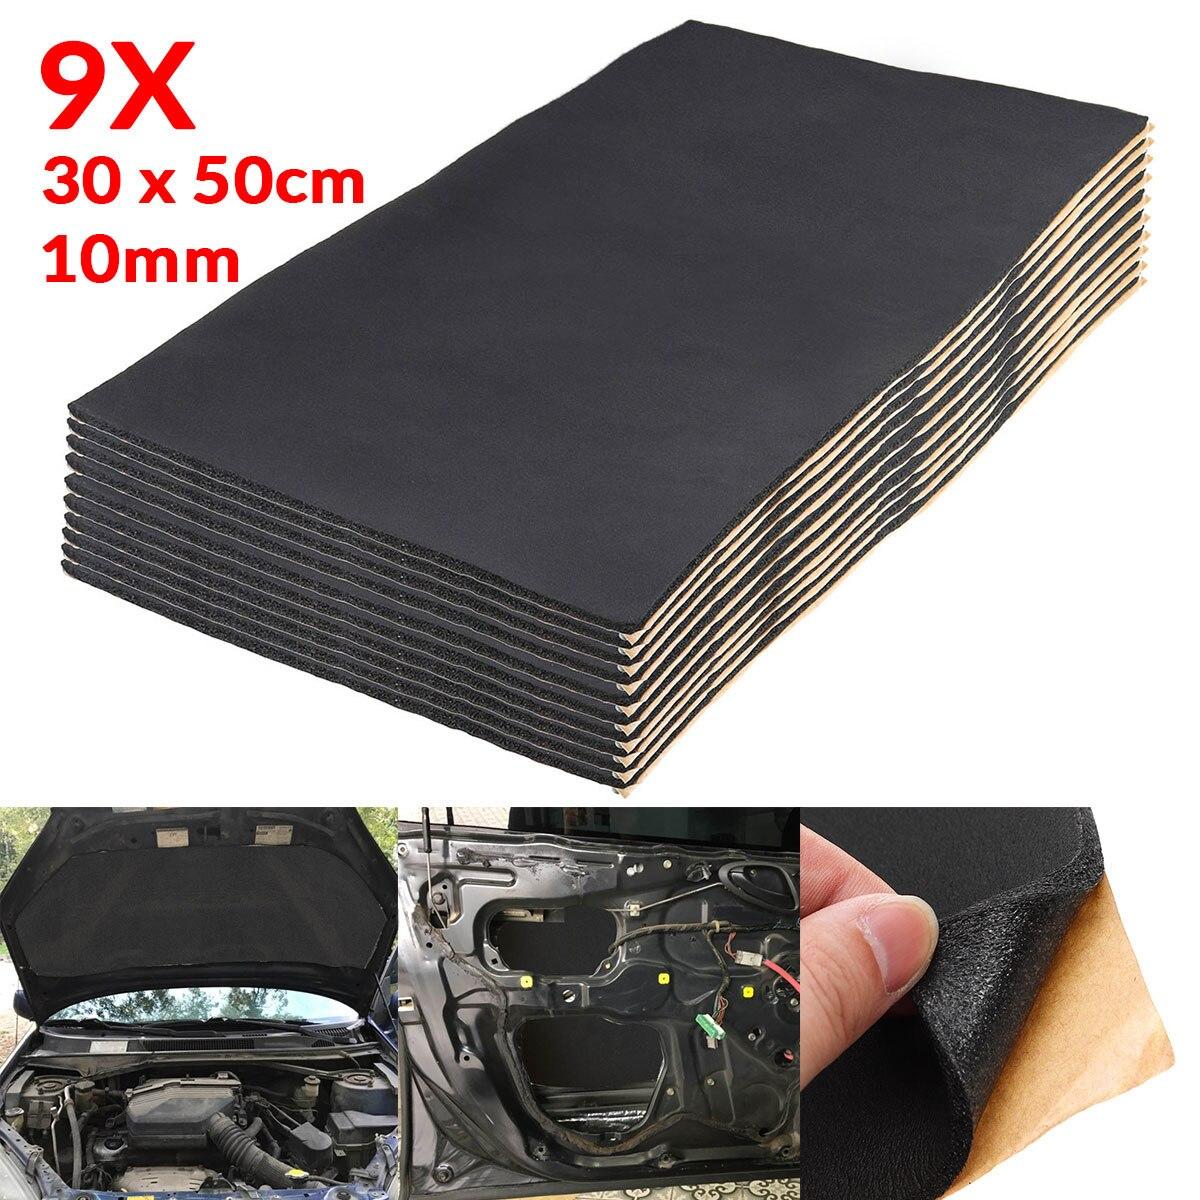 9x 1cm 0.6cm som do carro quente deadener esteira à prova de ruído bonnet isolamento amortecimento do motor firewall calor espuma algodão adesivo 30x50cm